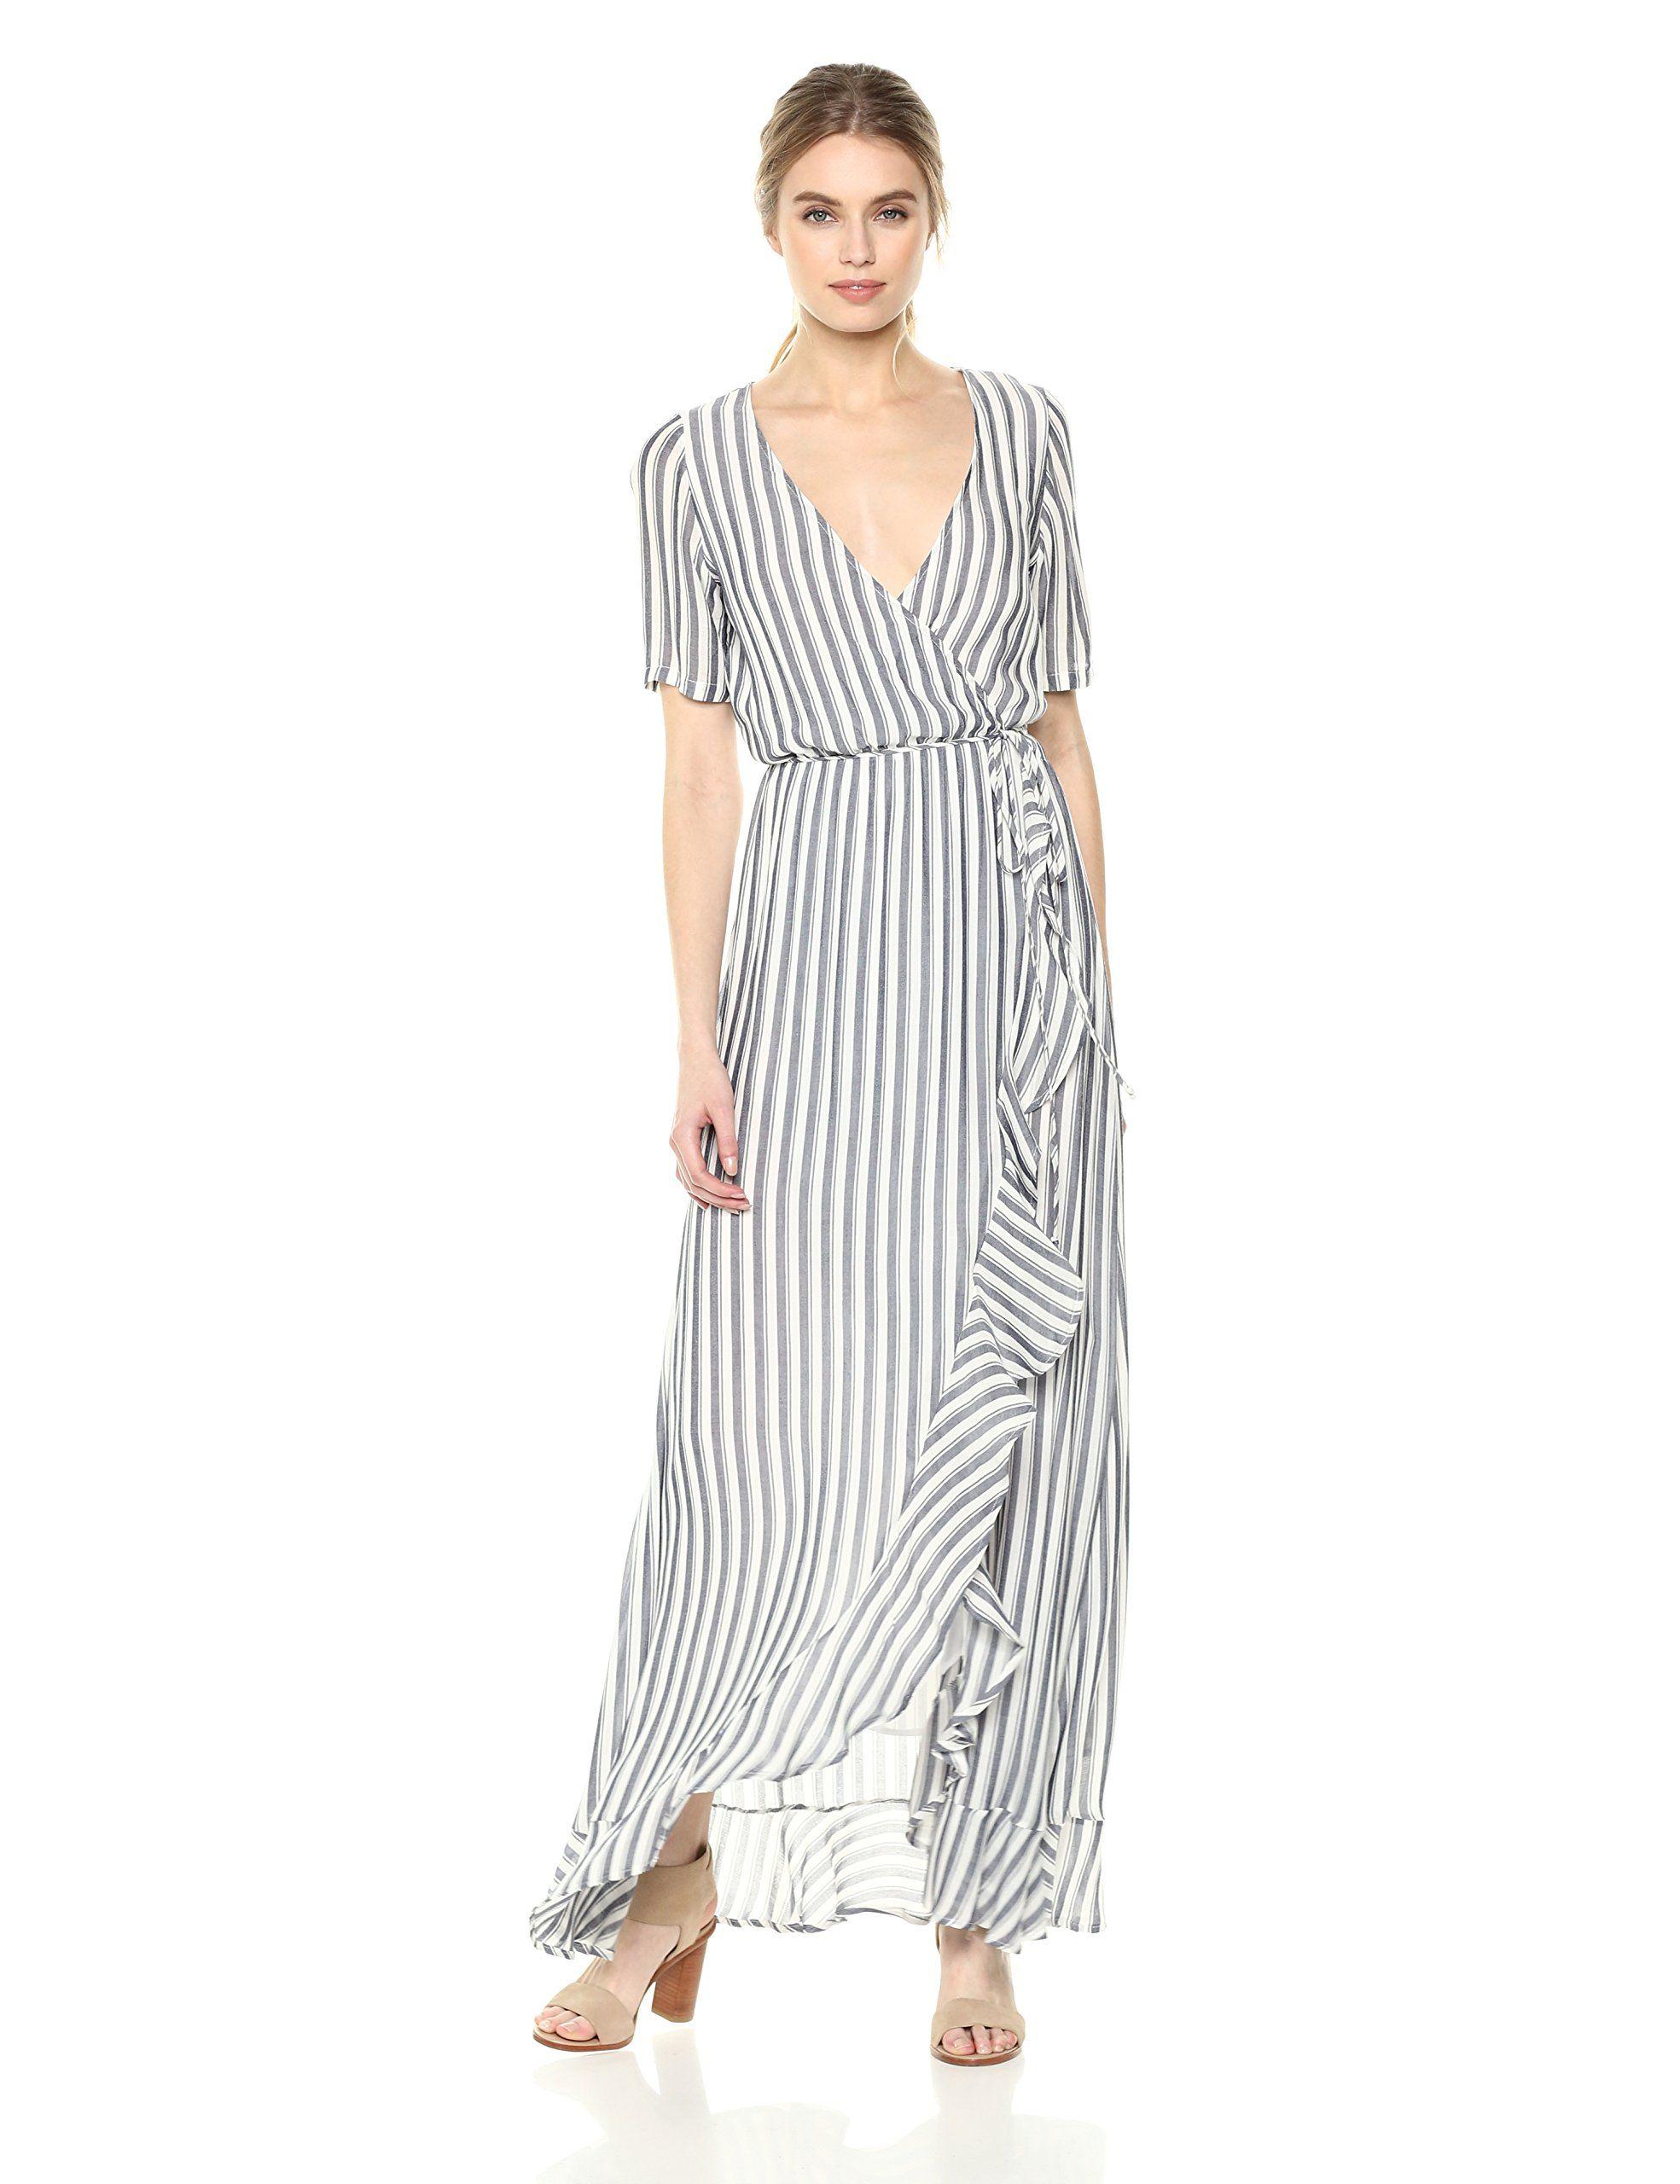 1d3b1c3e33e89 Rachel Pally Womens Rayon Wrap Dress Blue/White Stripe S ** Details ...